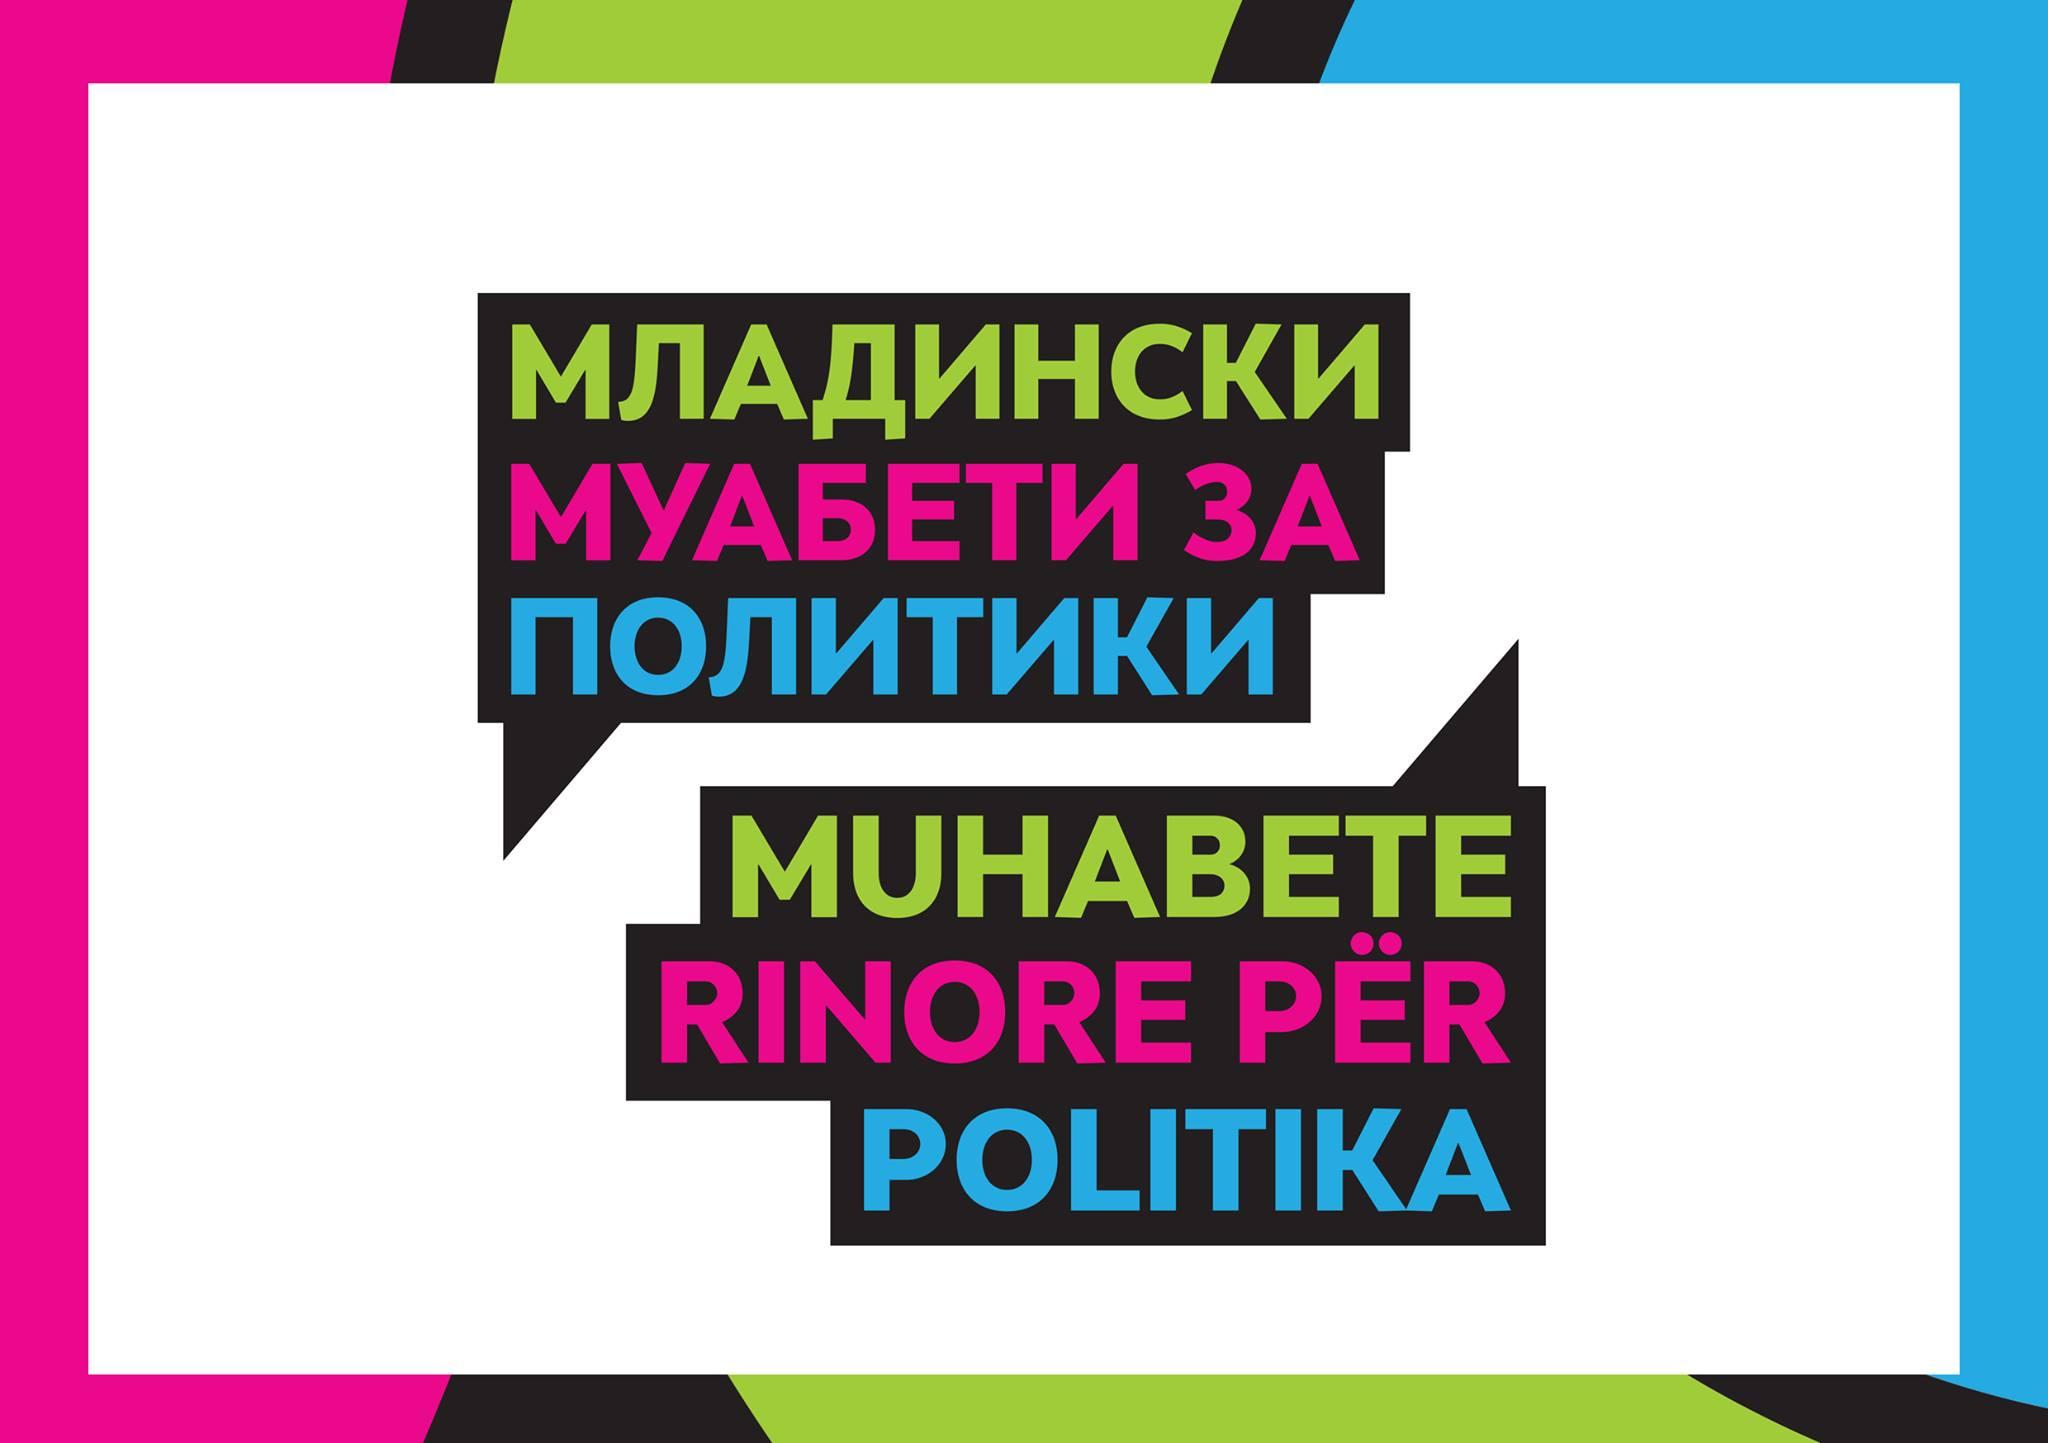 Младински муабети за политики